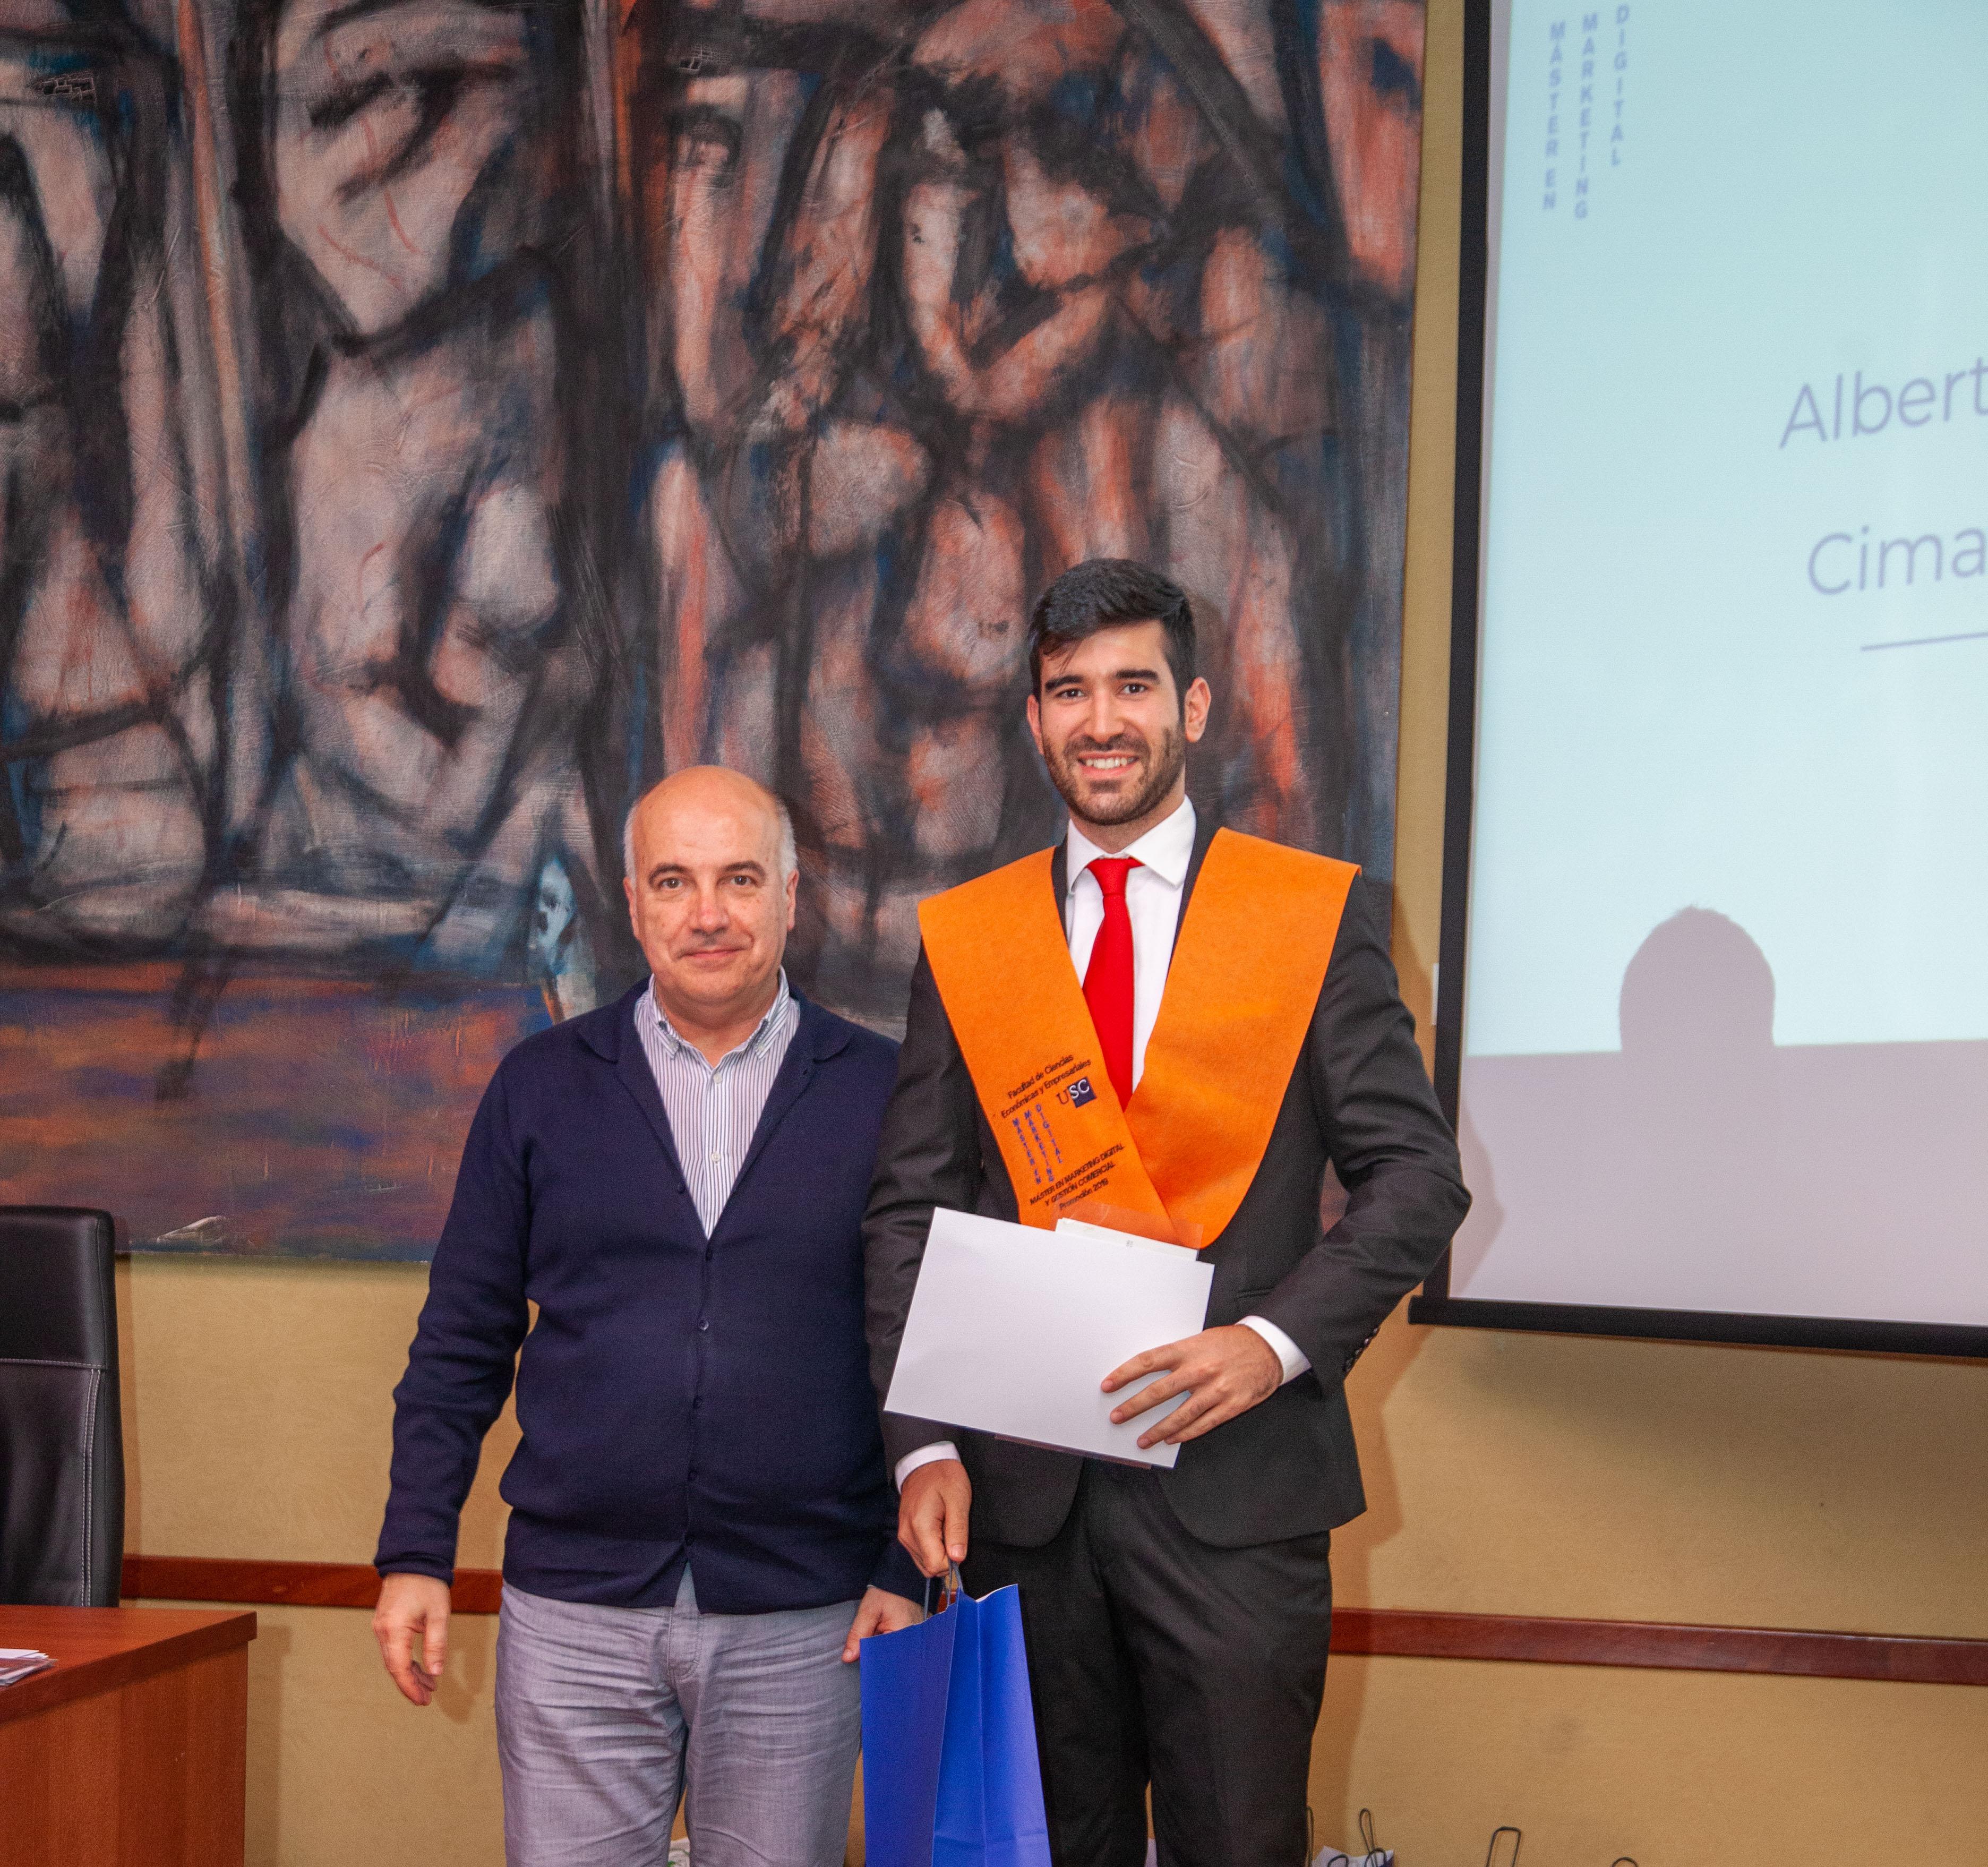 Alberto Mato: «Ahora, 3 años más tarde, creo que tomé la mejor decisión».